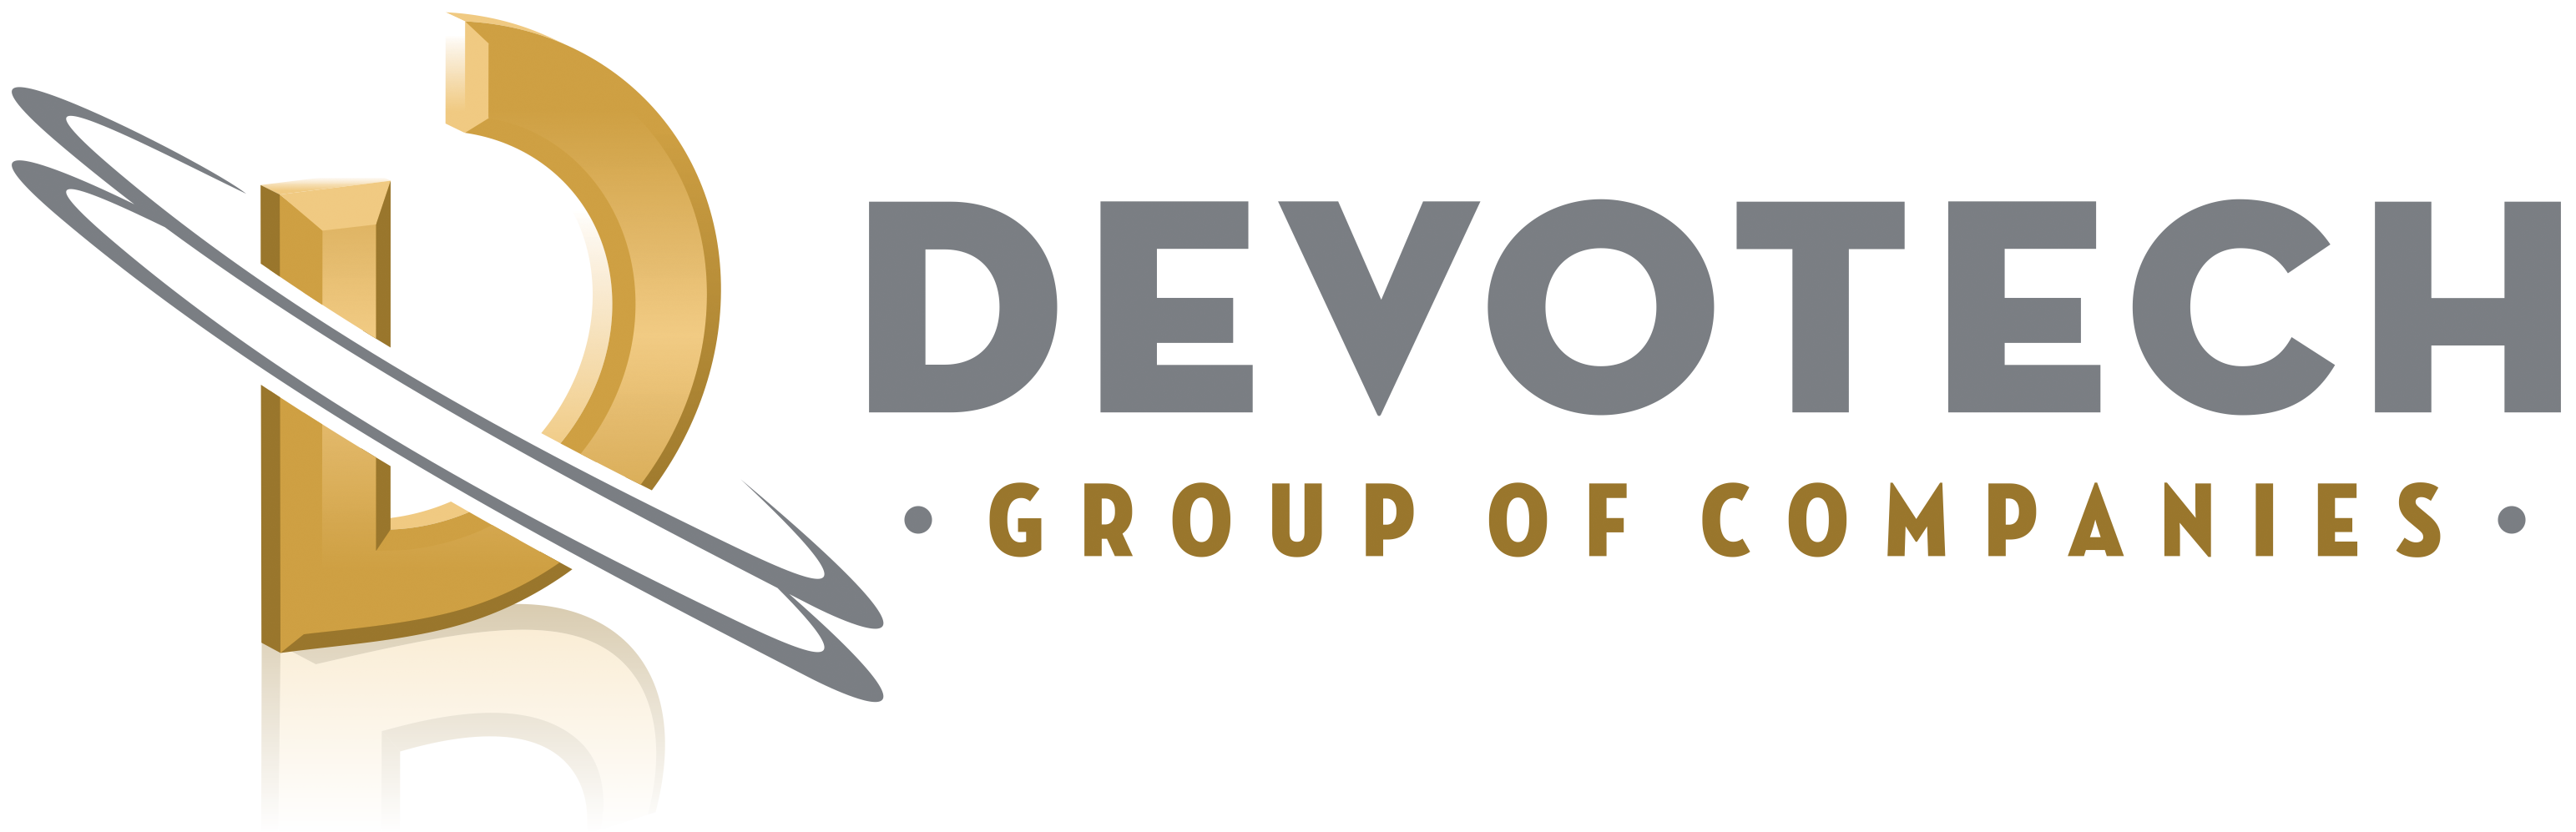 Devotech